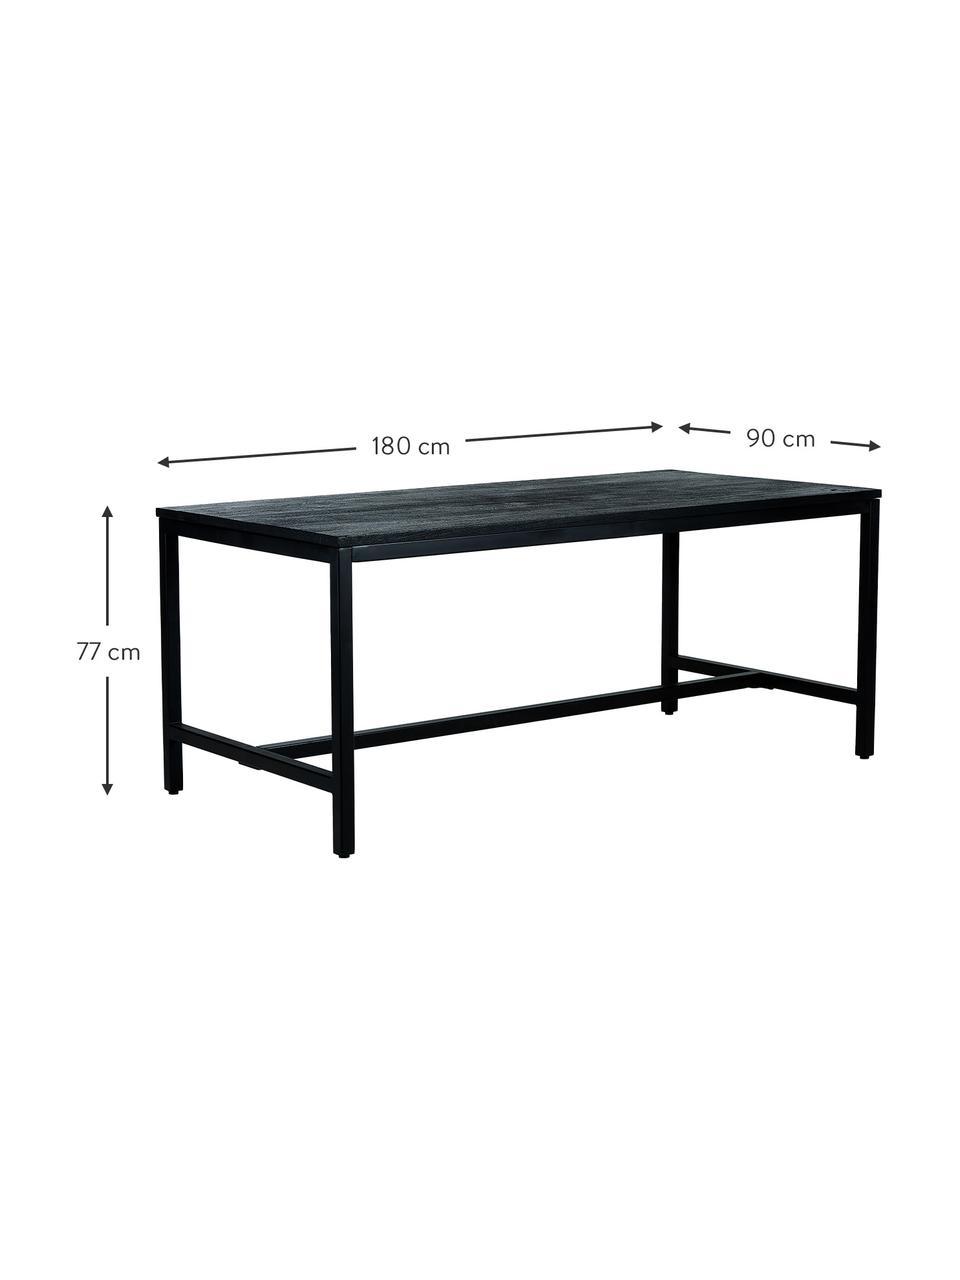 Esstisch Raw mit Massivholzplatte in Schwarz, Tischplatte: Massives Mangoholz, gebür, Gestell: Metall, pulverbeschichtet, Mangoholz, schwarz lackiert, B 180 x T 90 cm